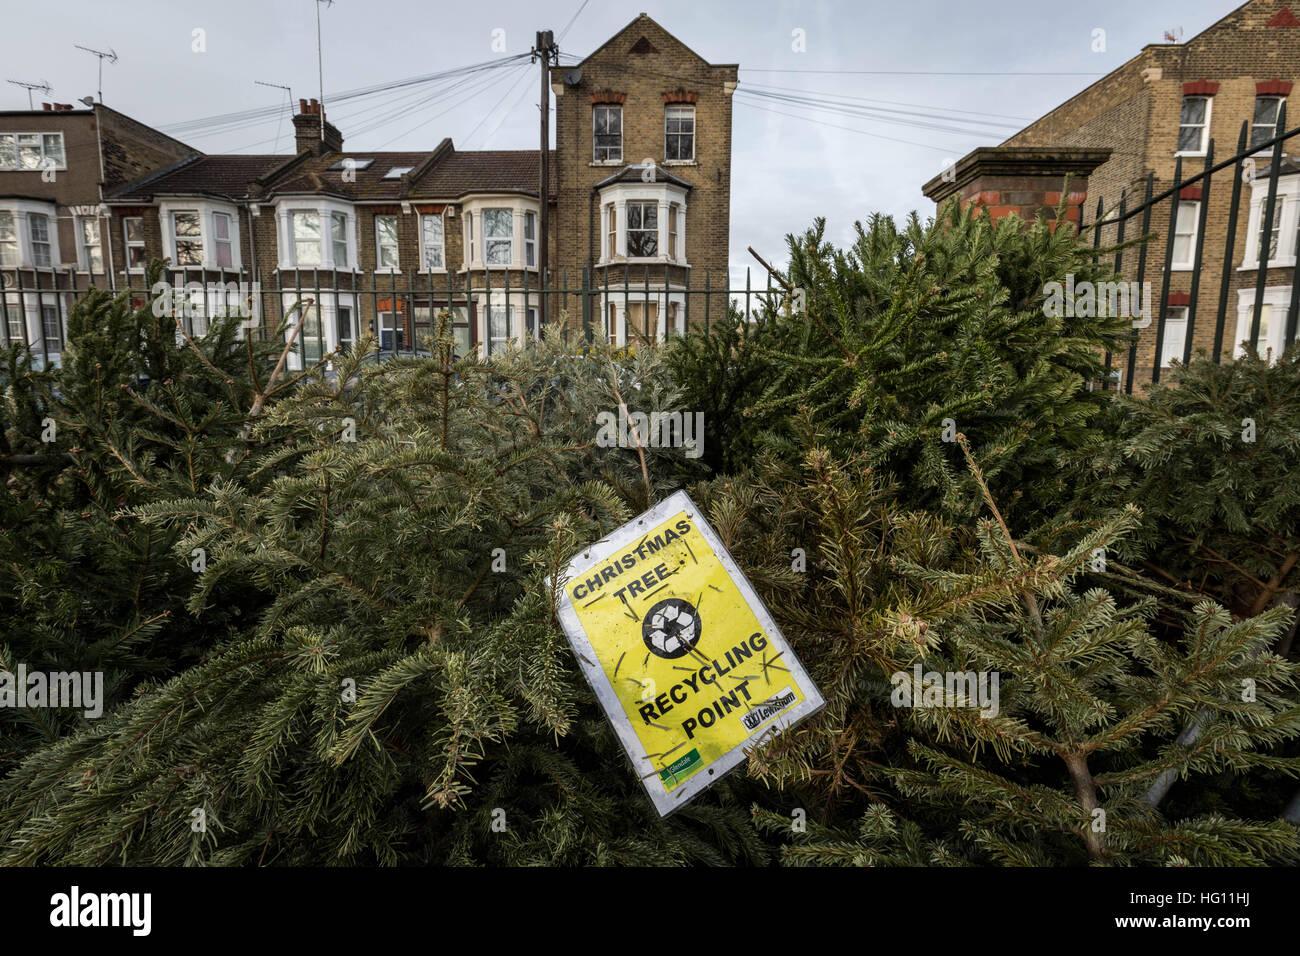 Christmas Tree Recycling Stock Photos & Christmas Tree